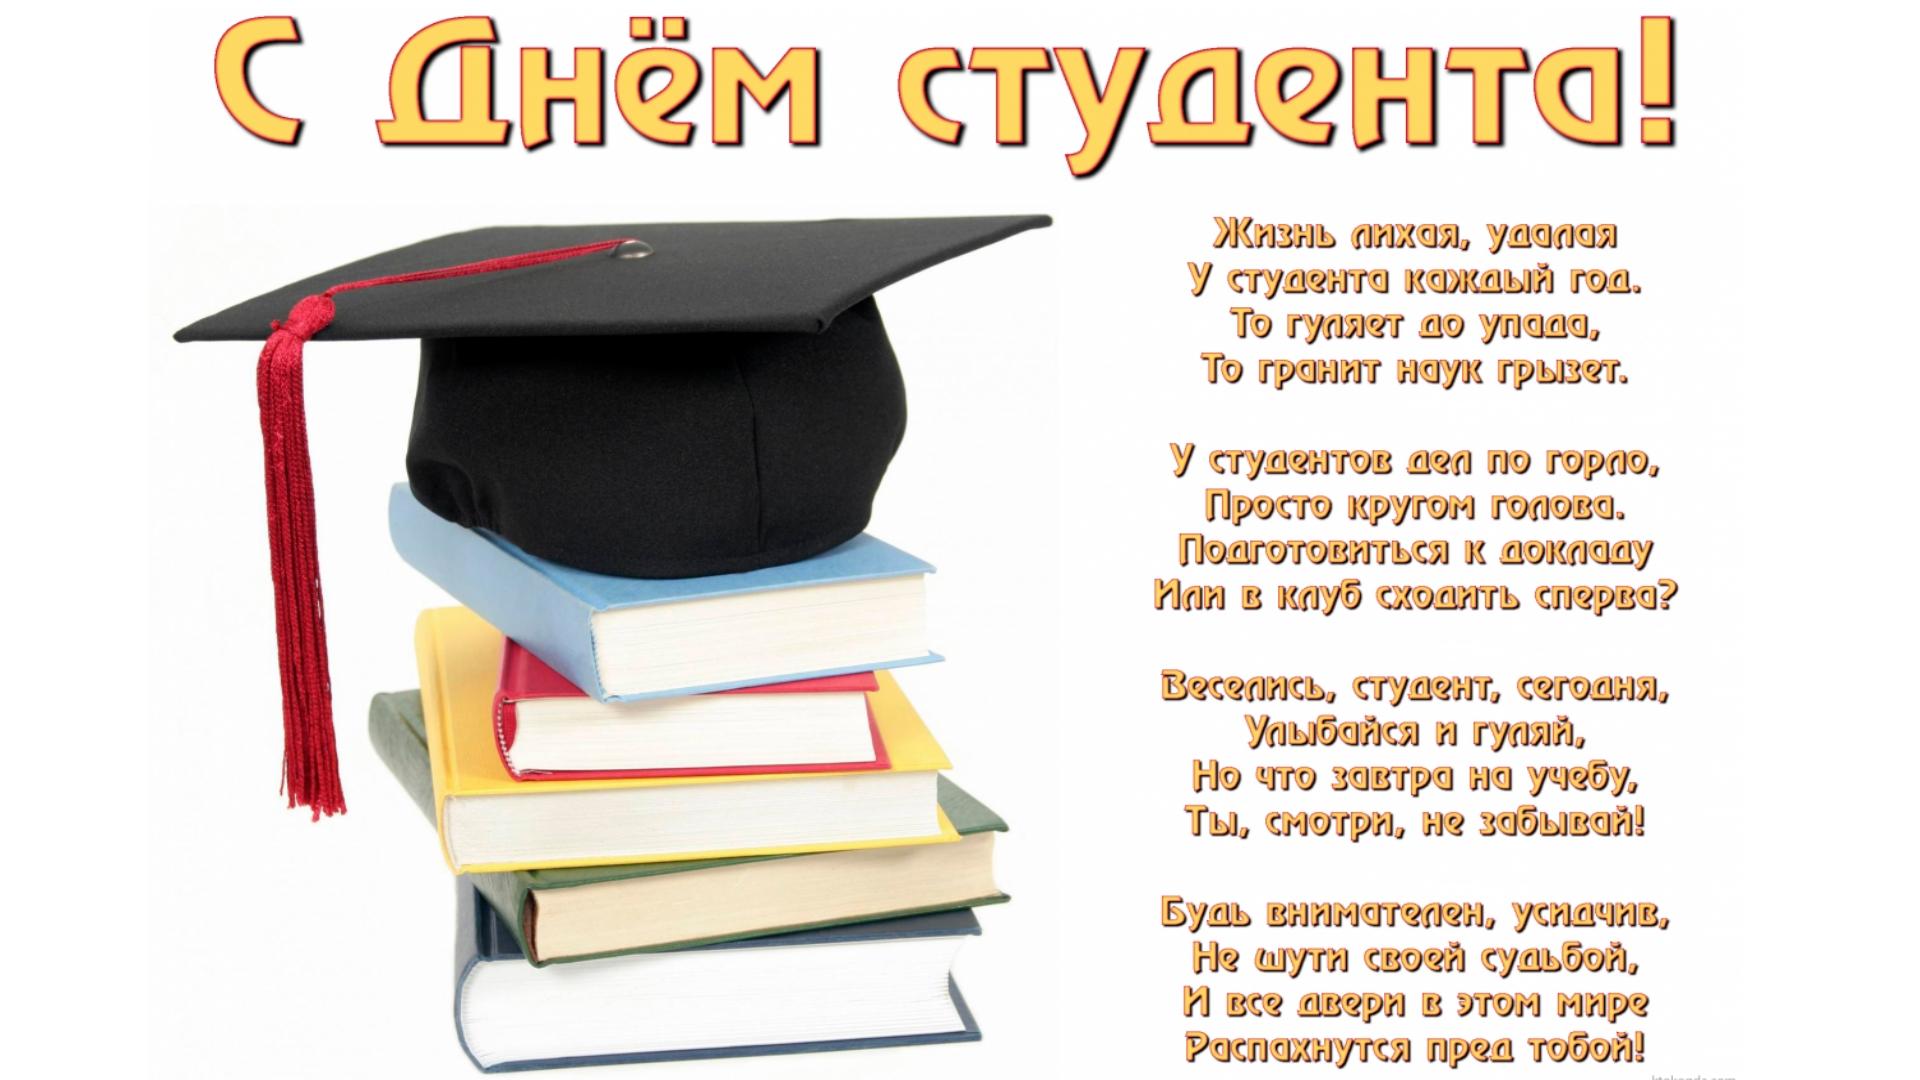 Поздравление при посвящении в студента фото 494